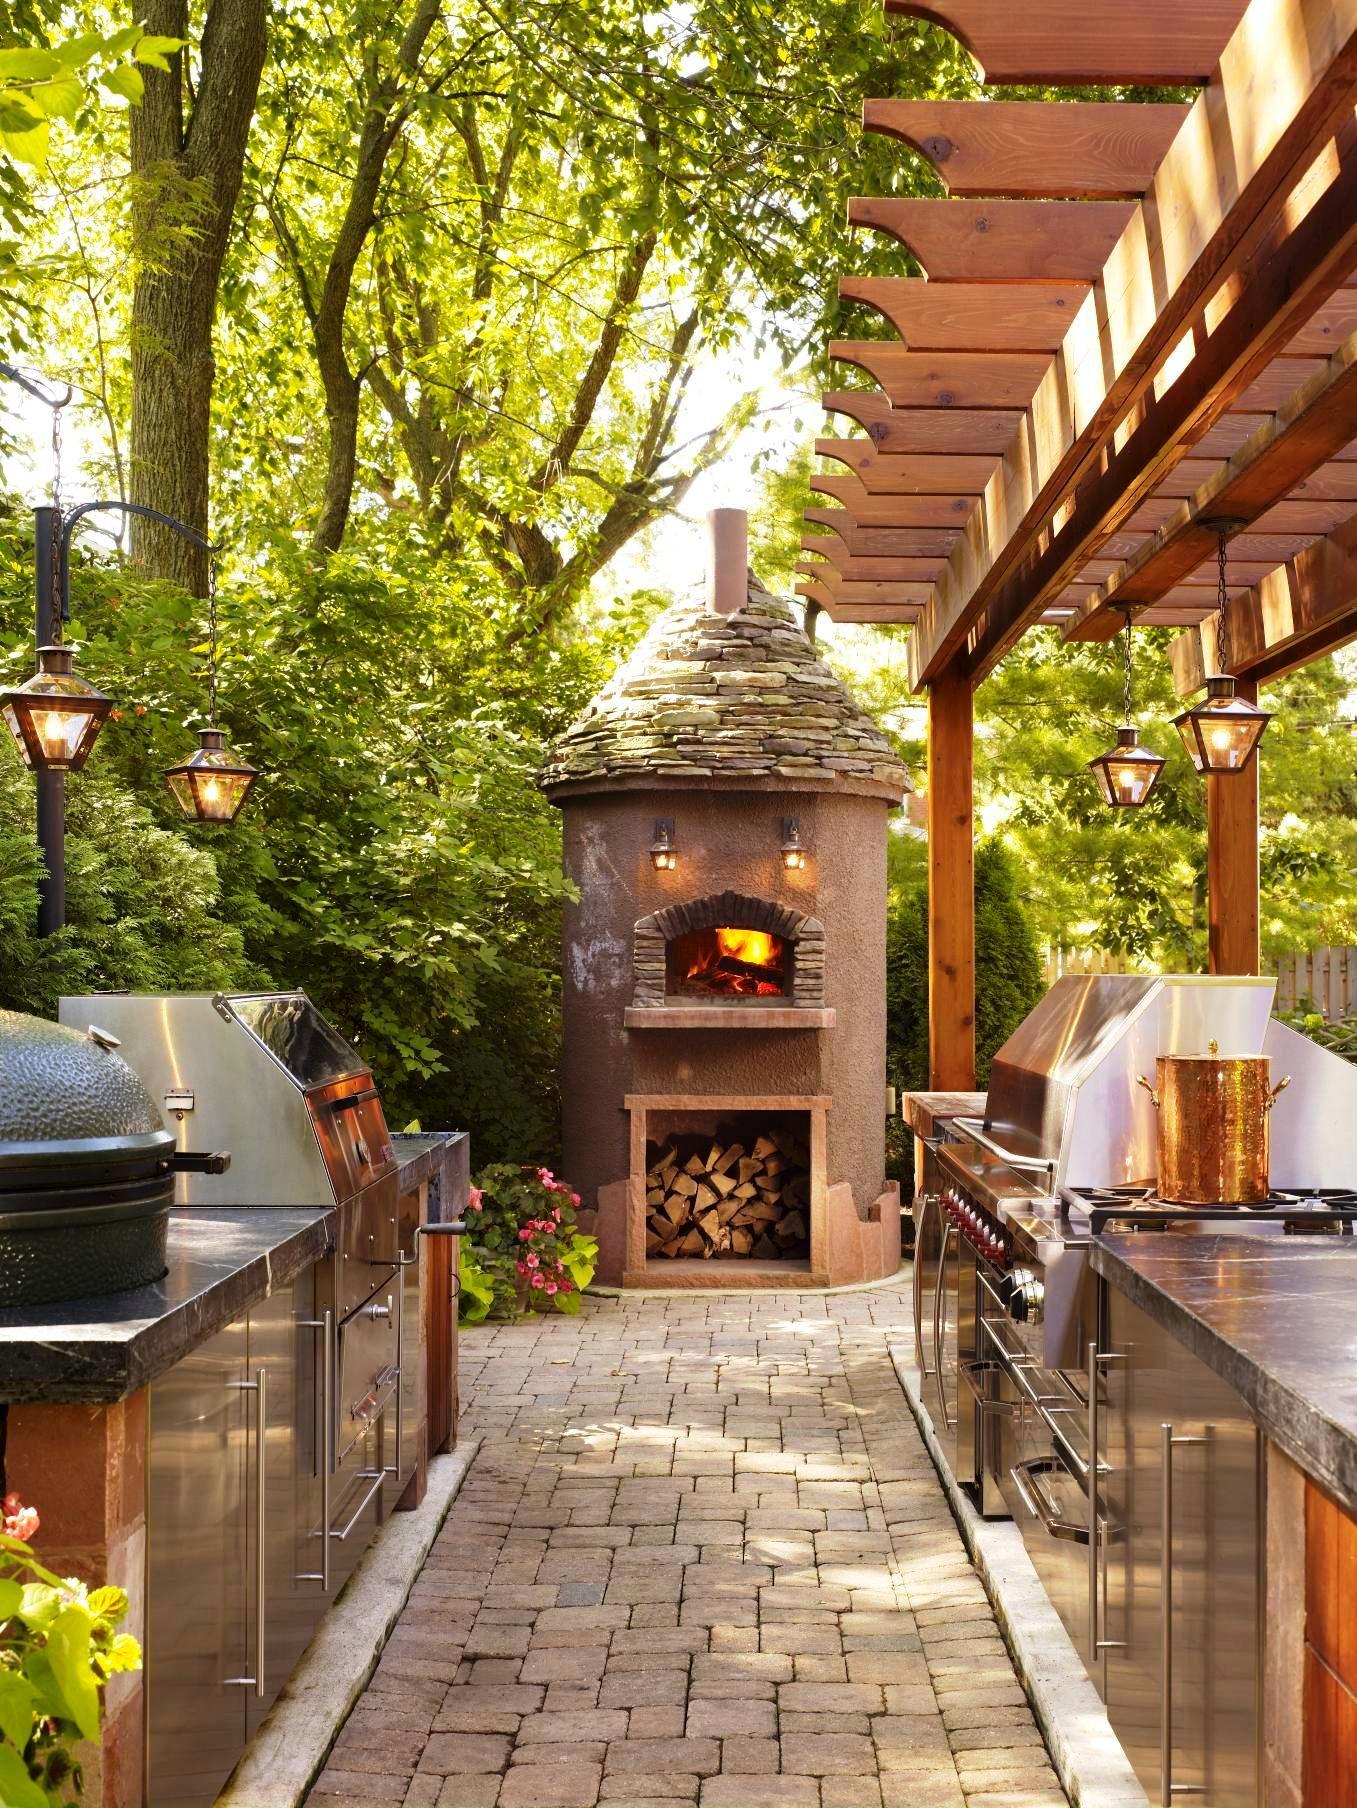 Outdoor Kitchen Oven Gadget Stores Kitchensan Enjoyable Life House Ideas